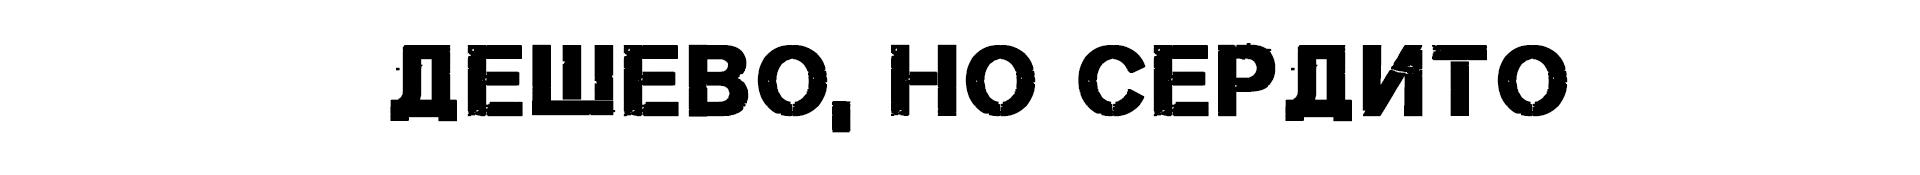 Четко по Уэллсу | Обзор игры Вивисектор: Зверь внутри. - Изображение 4